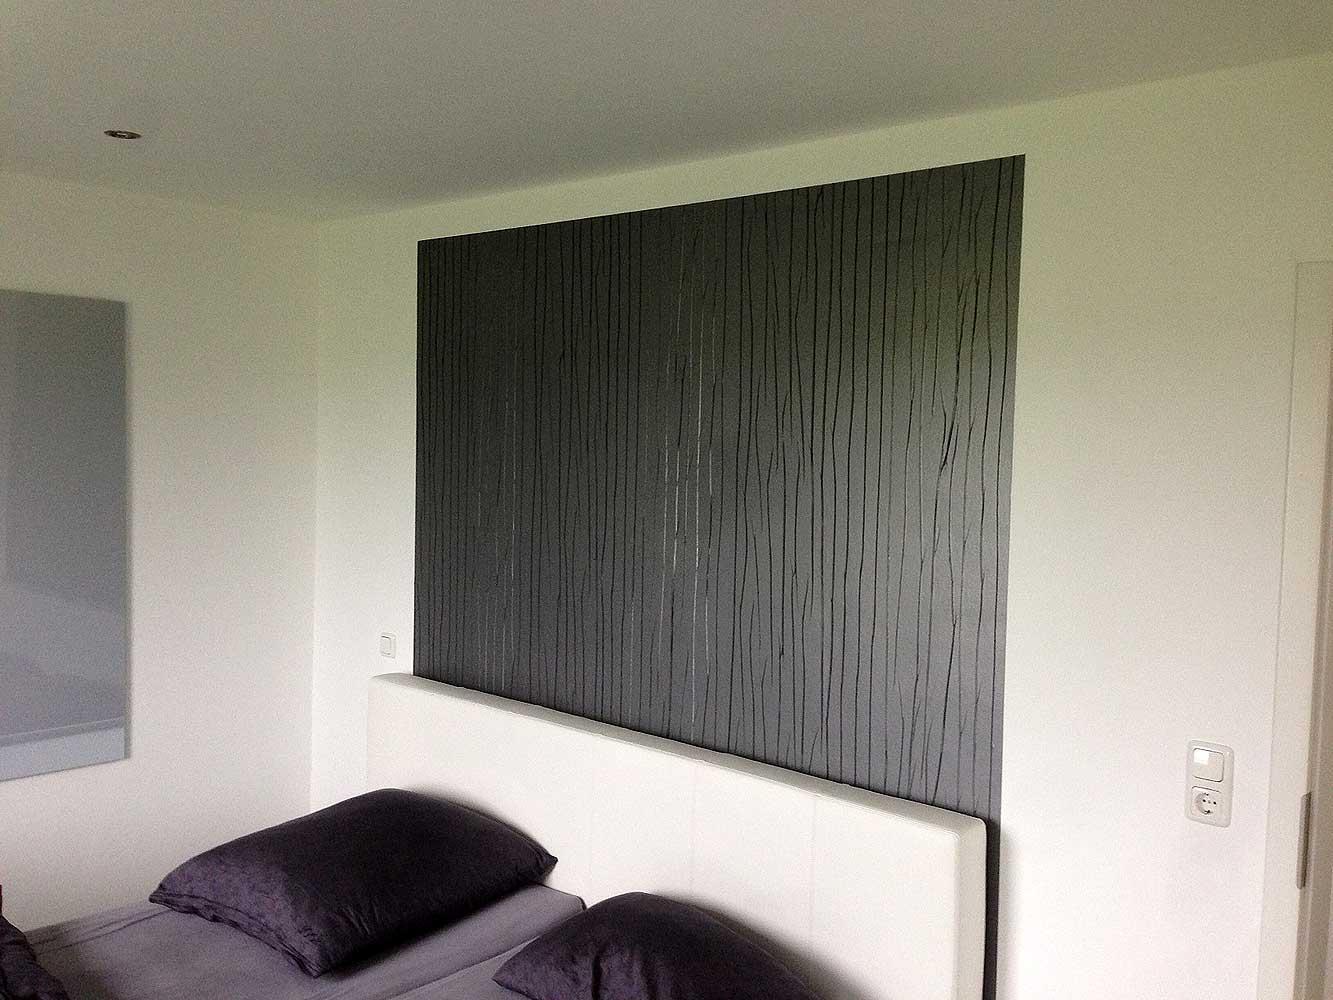 tapeten schlafzimmer grau – Deutsche Dekor 2018 – line